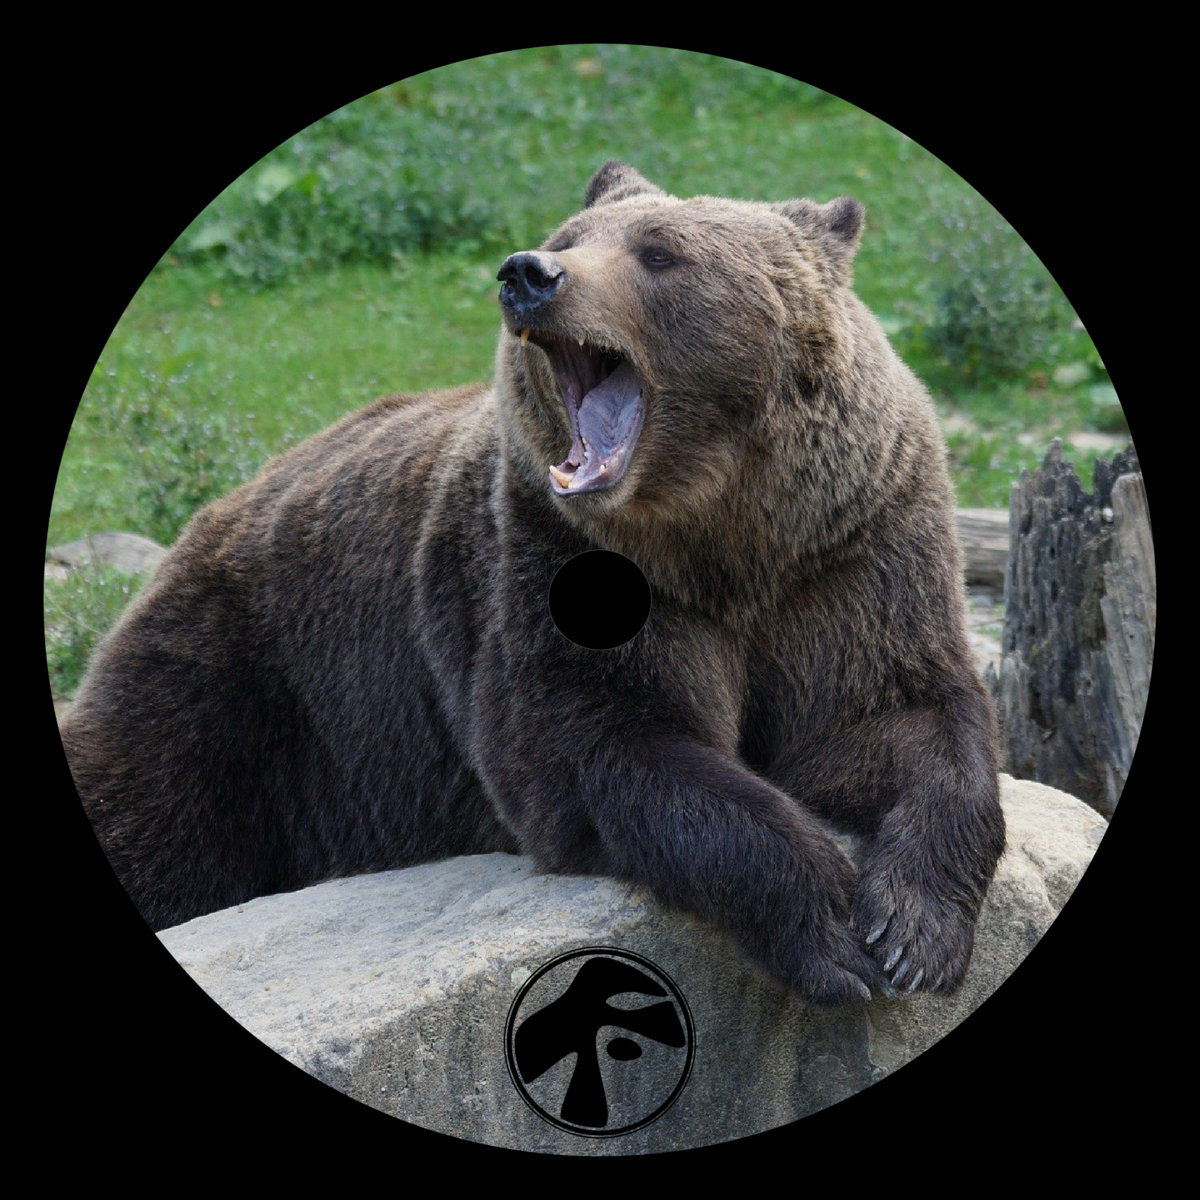 Bearfoot – PRXFREEMONDAY0004